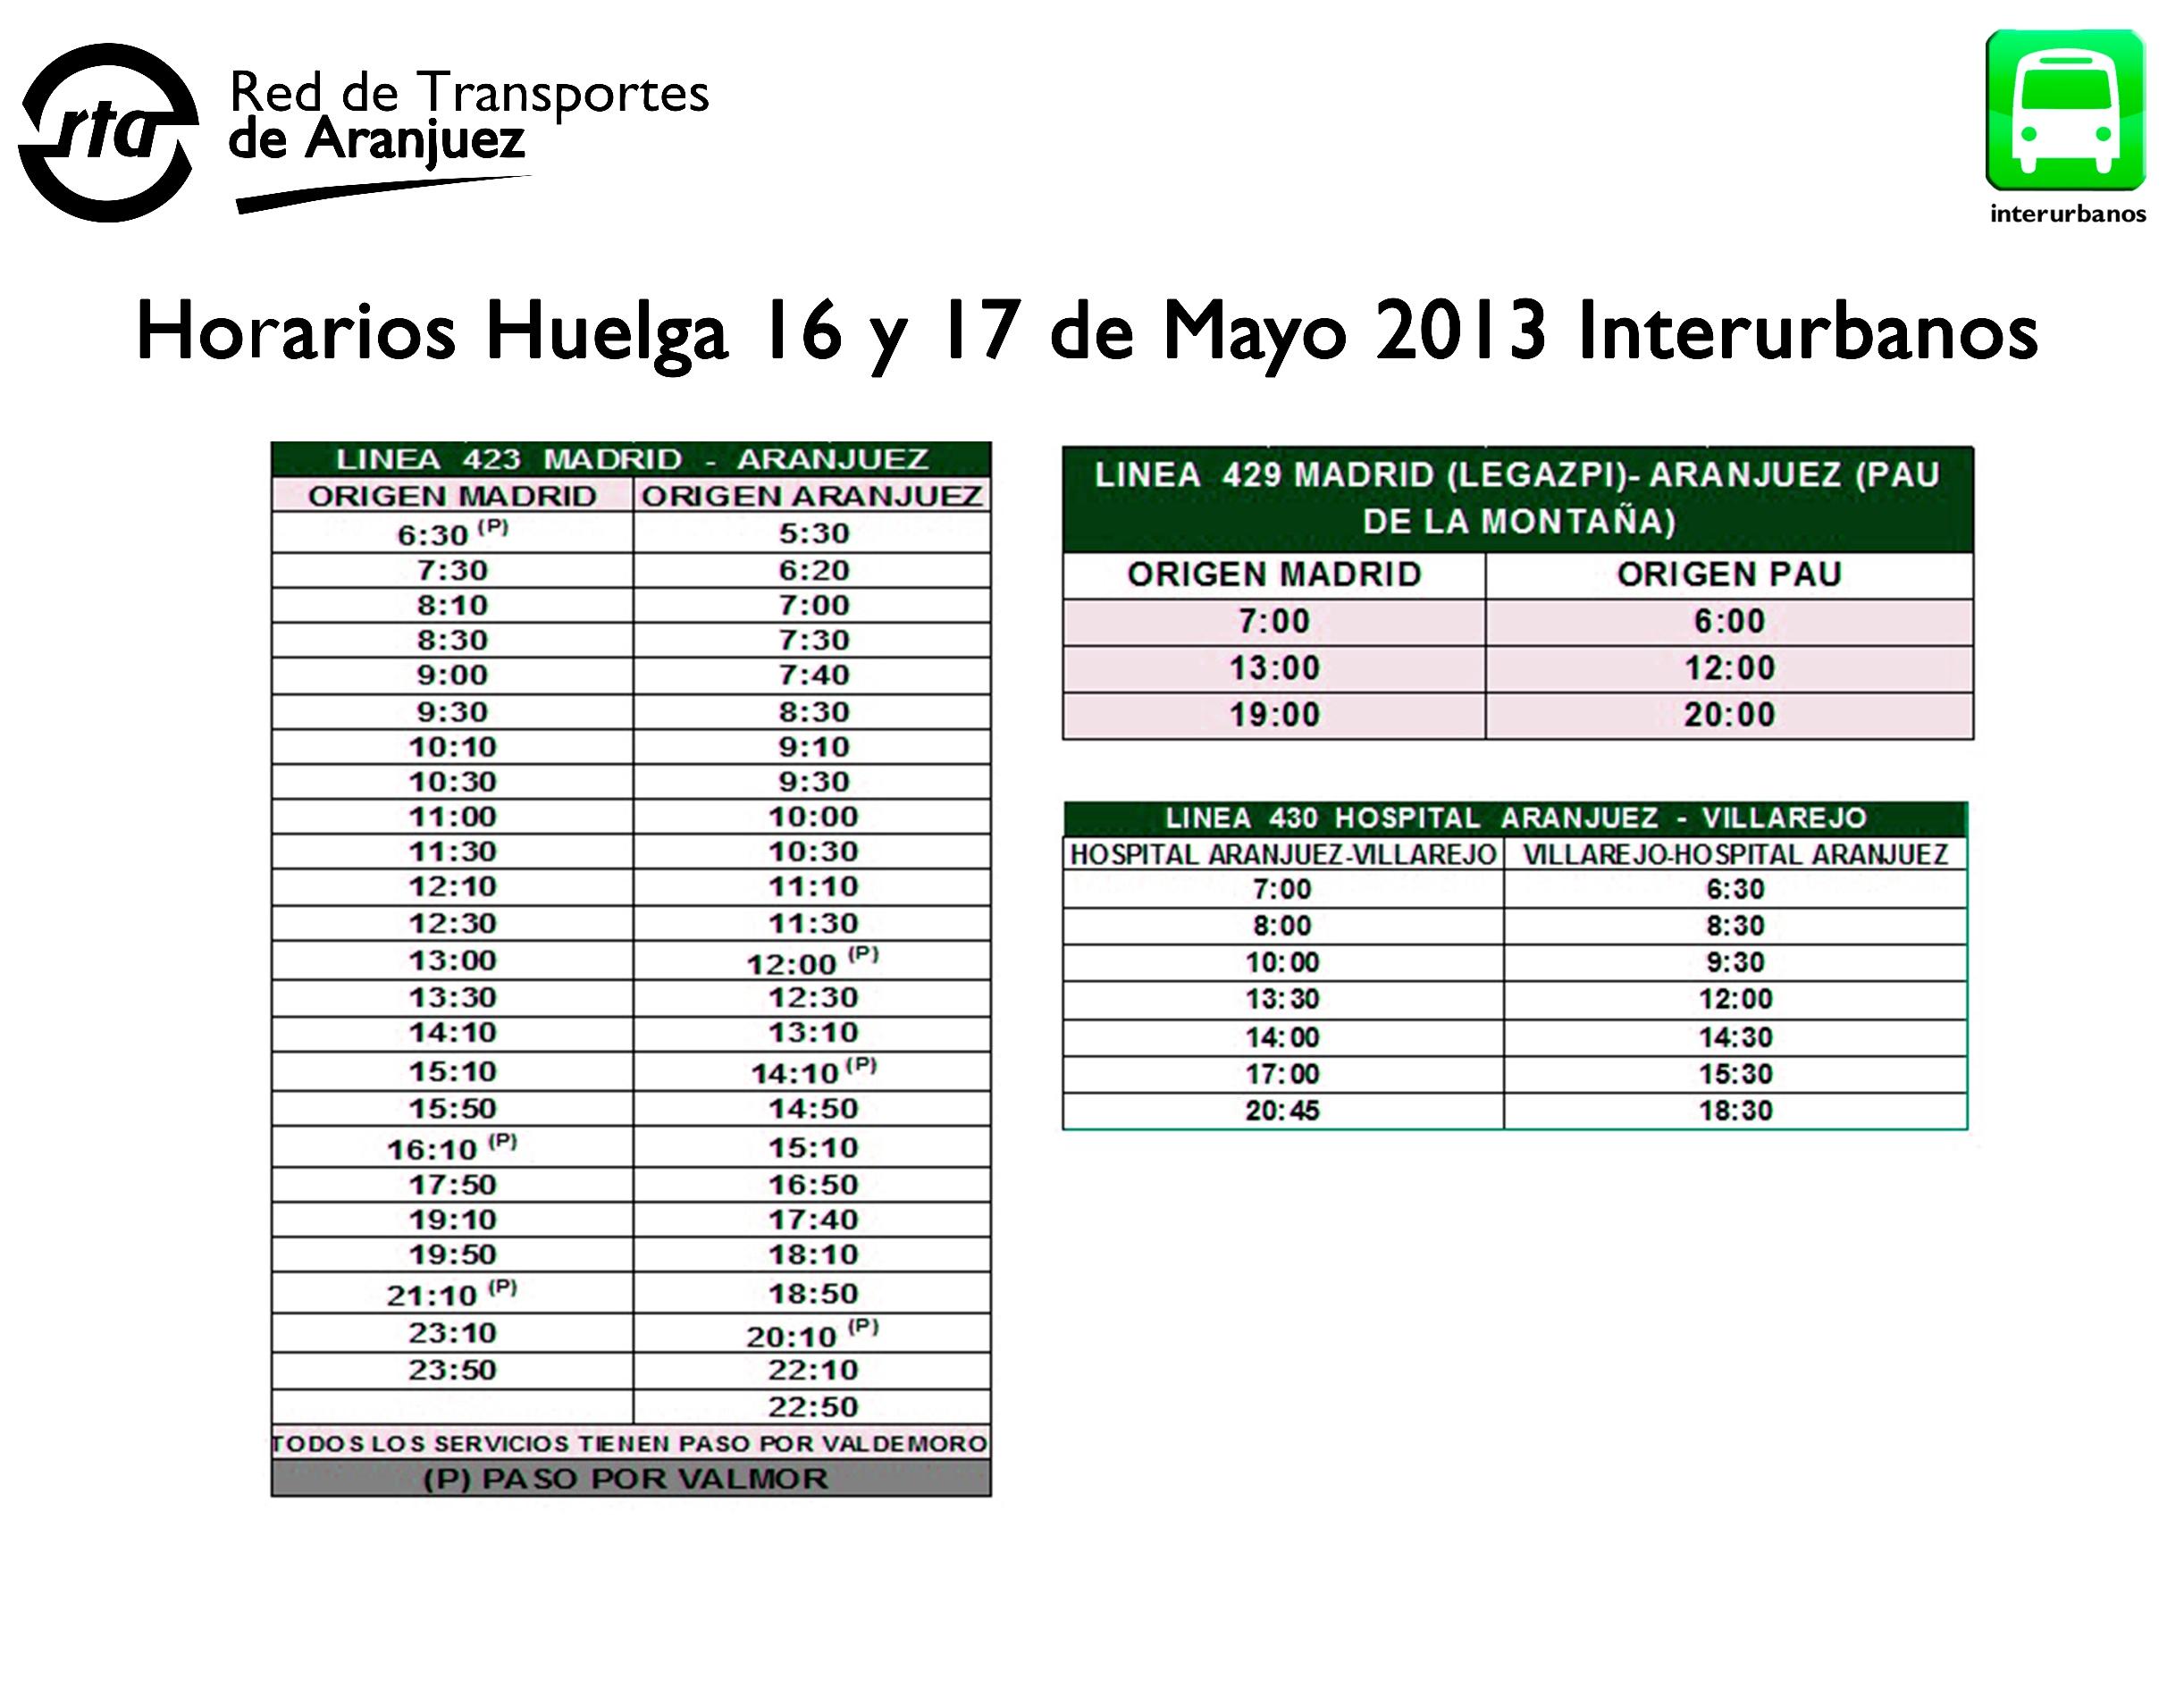 horarioshuelga_interur